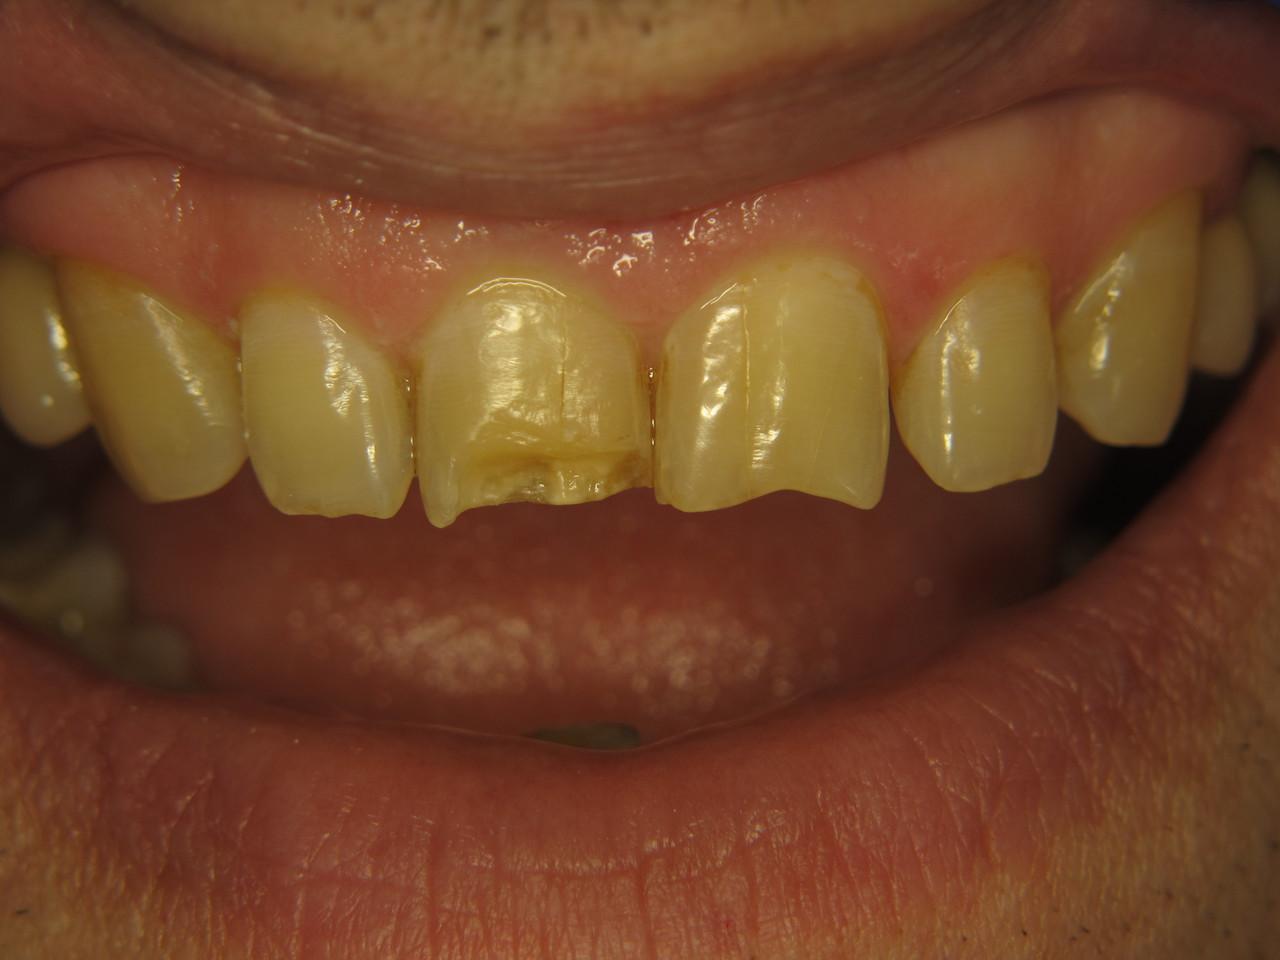 Рис. 1. Зубы 1.1 и 2.1: исходная ситуация.